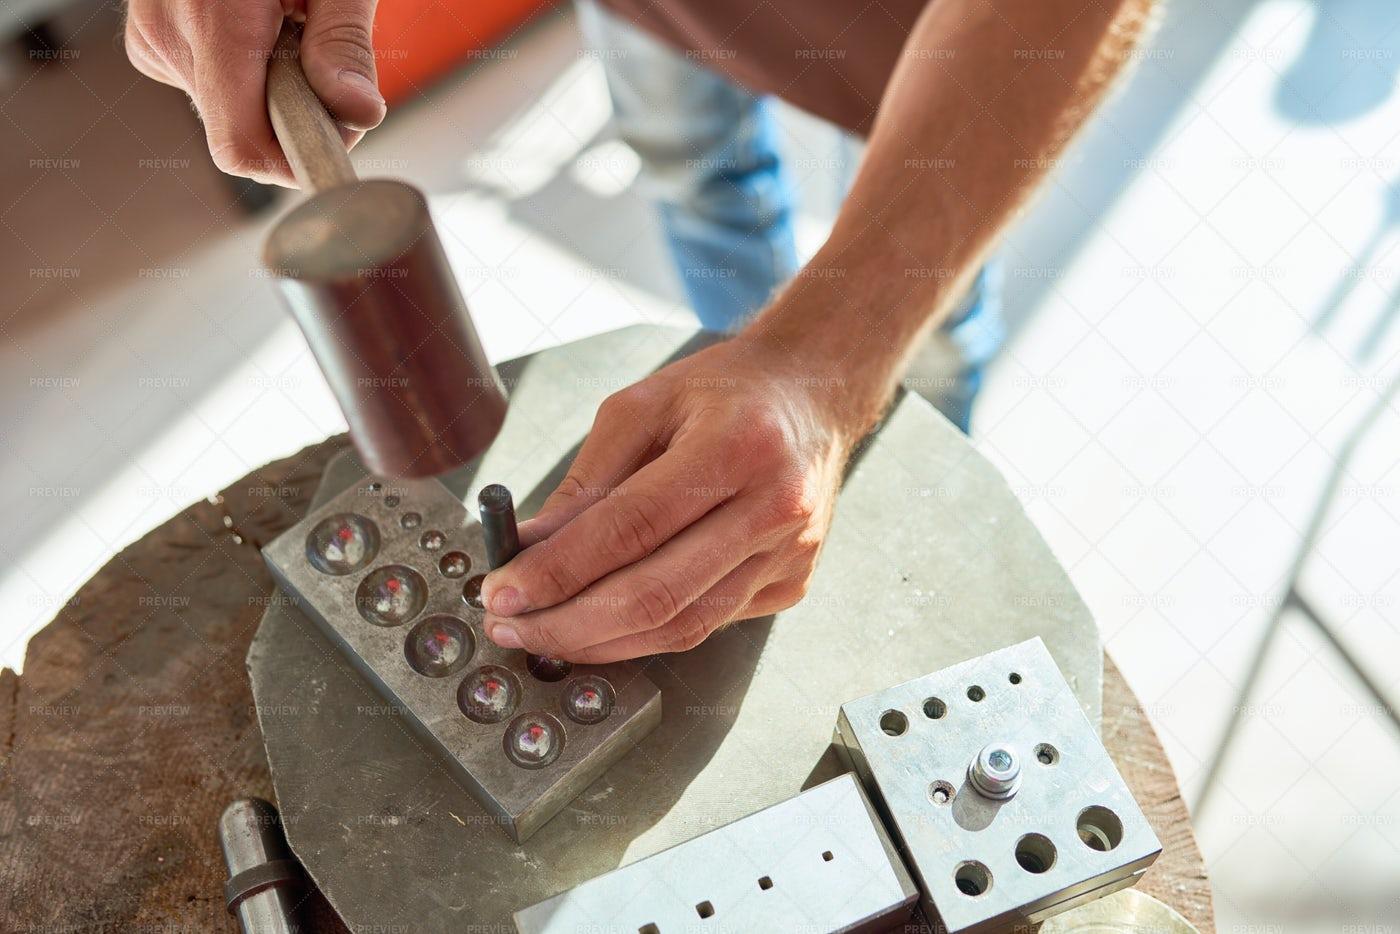 Metalworking Close Up: Stock Photos